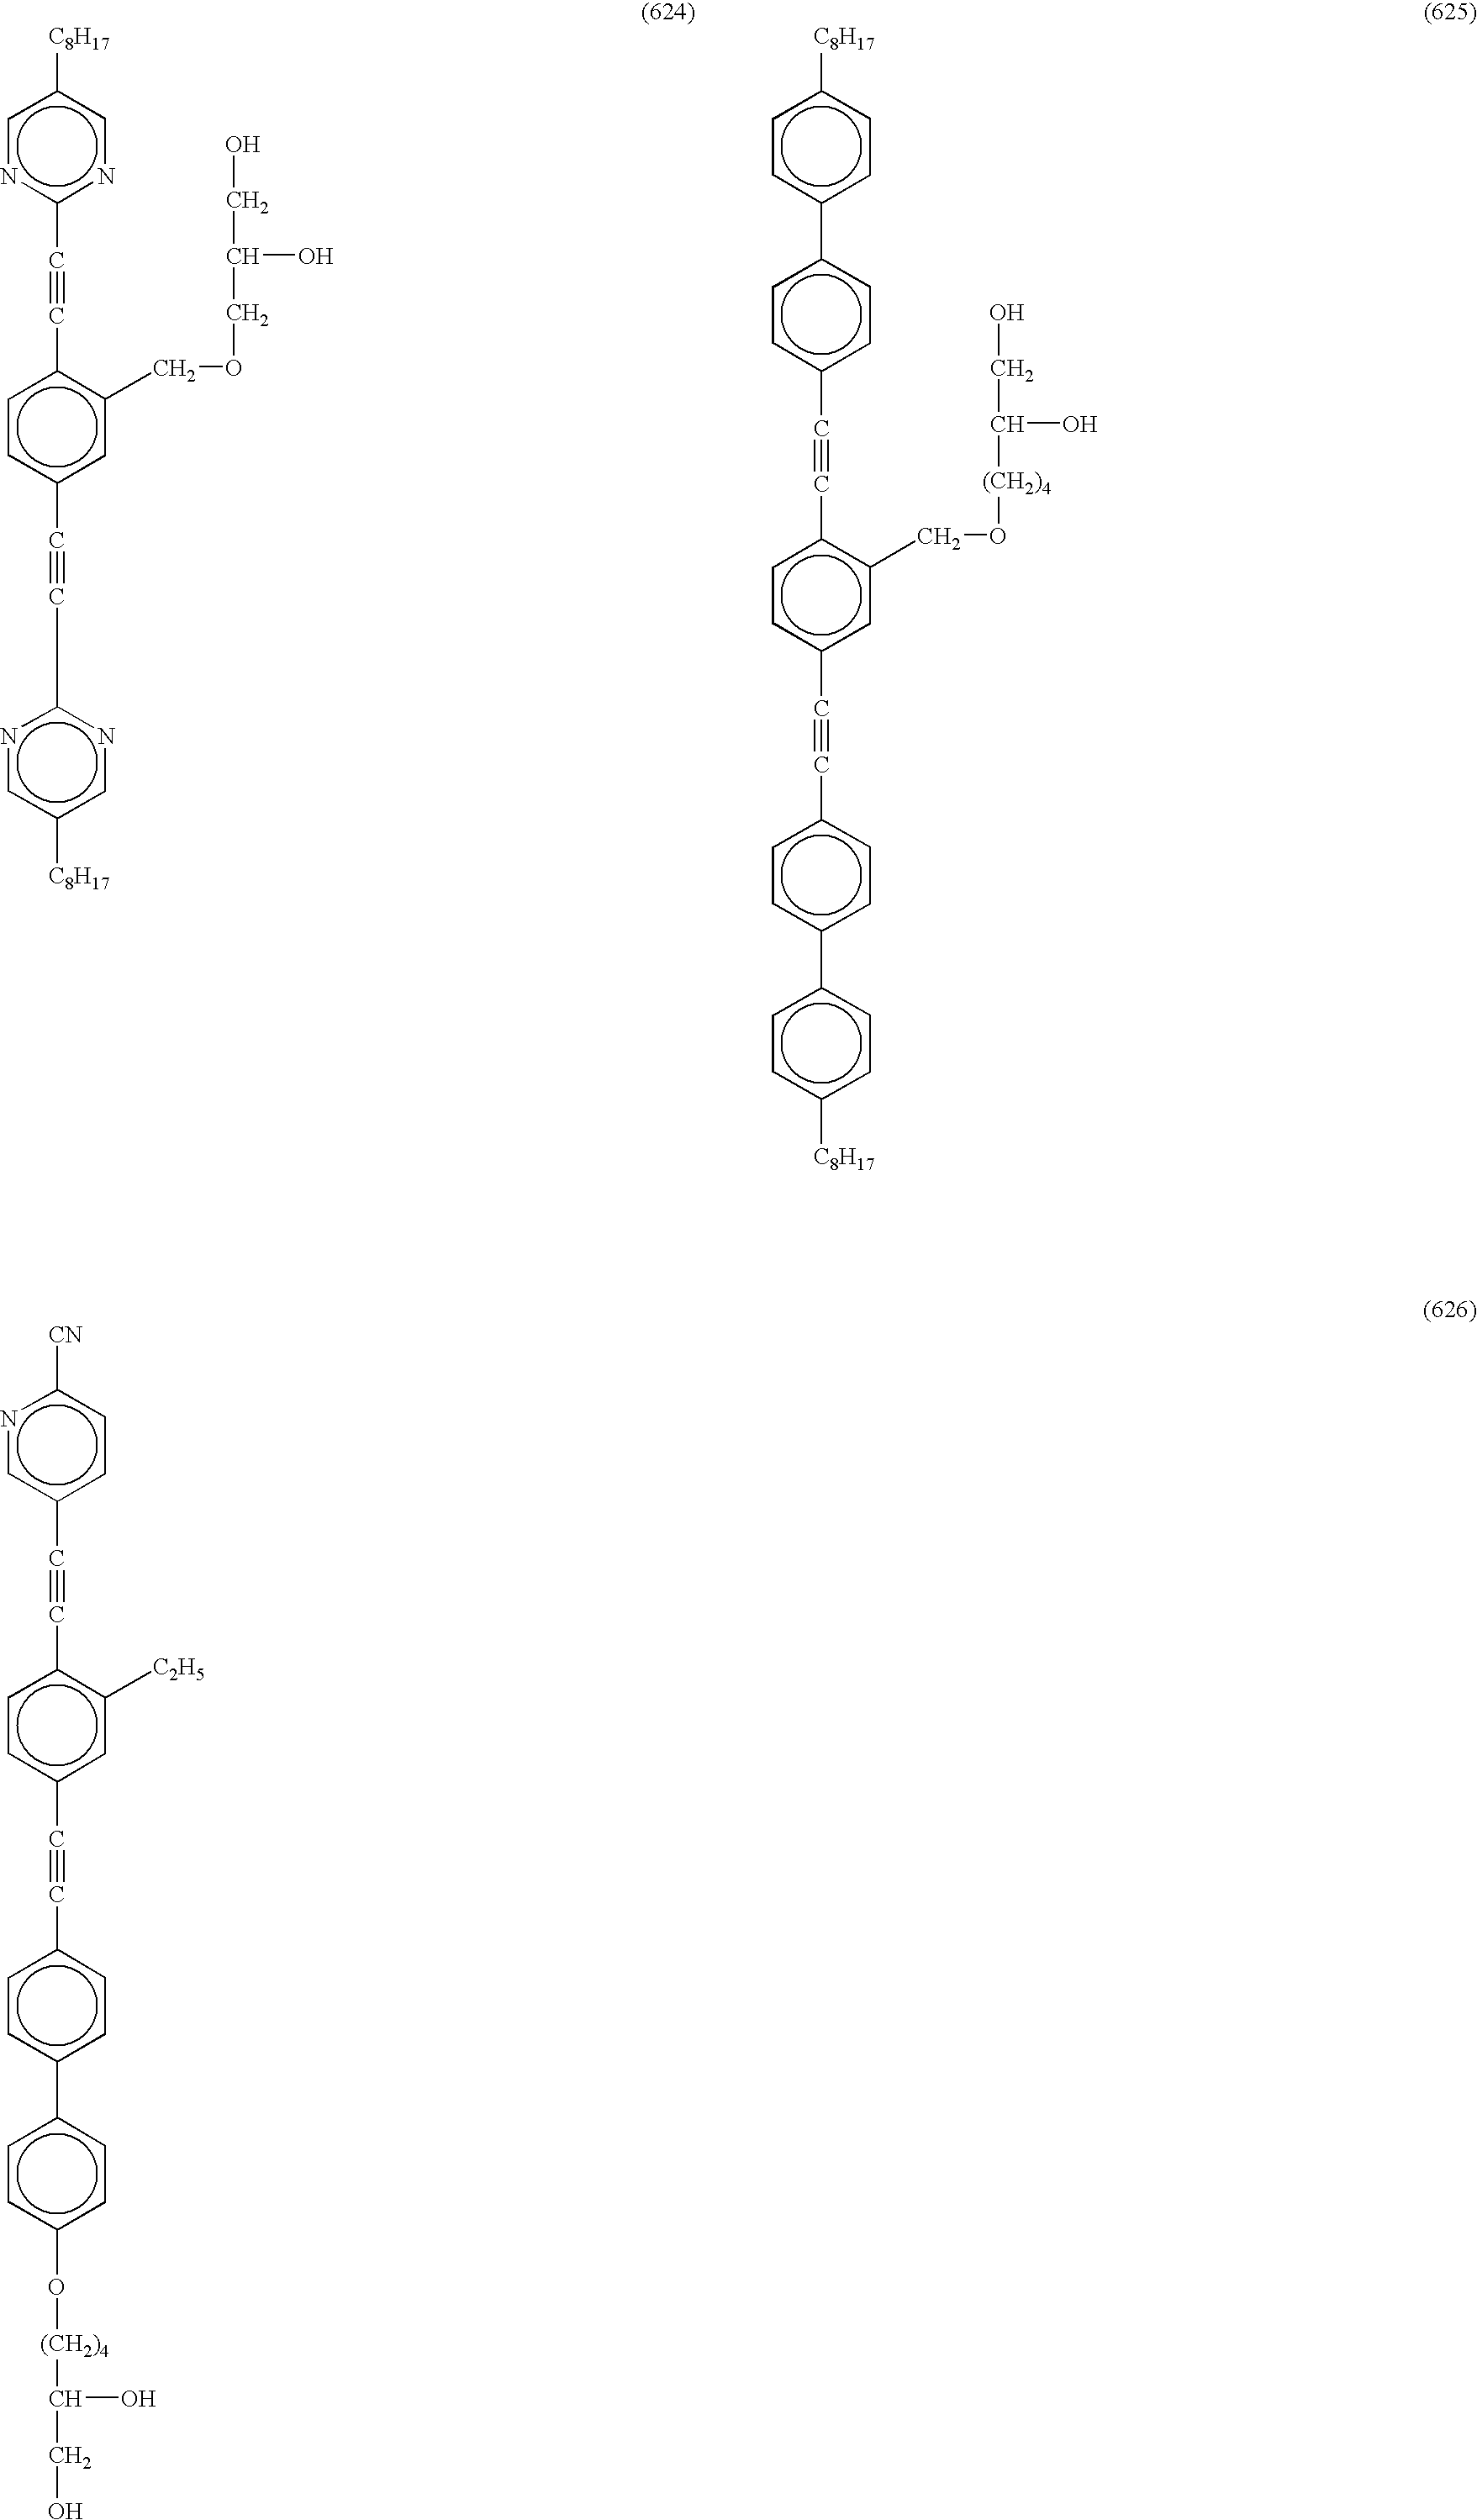 Figure US07128953-20061031-C00069